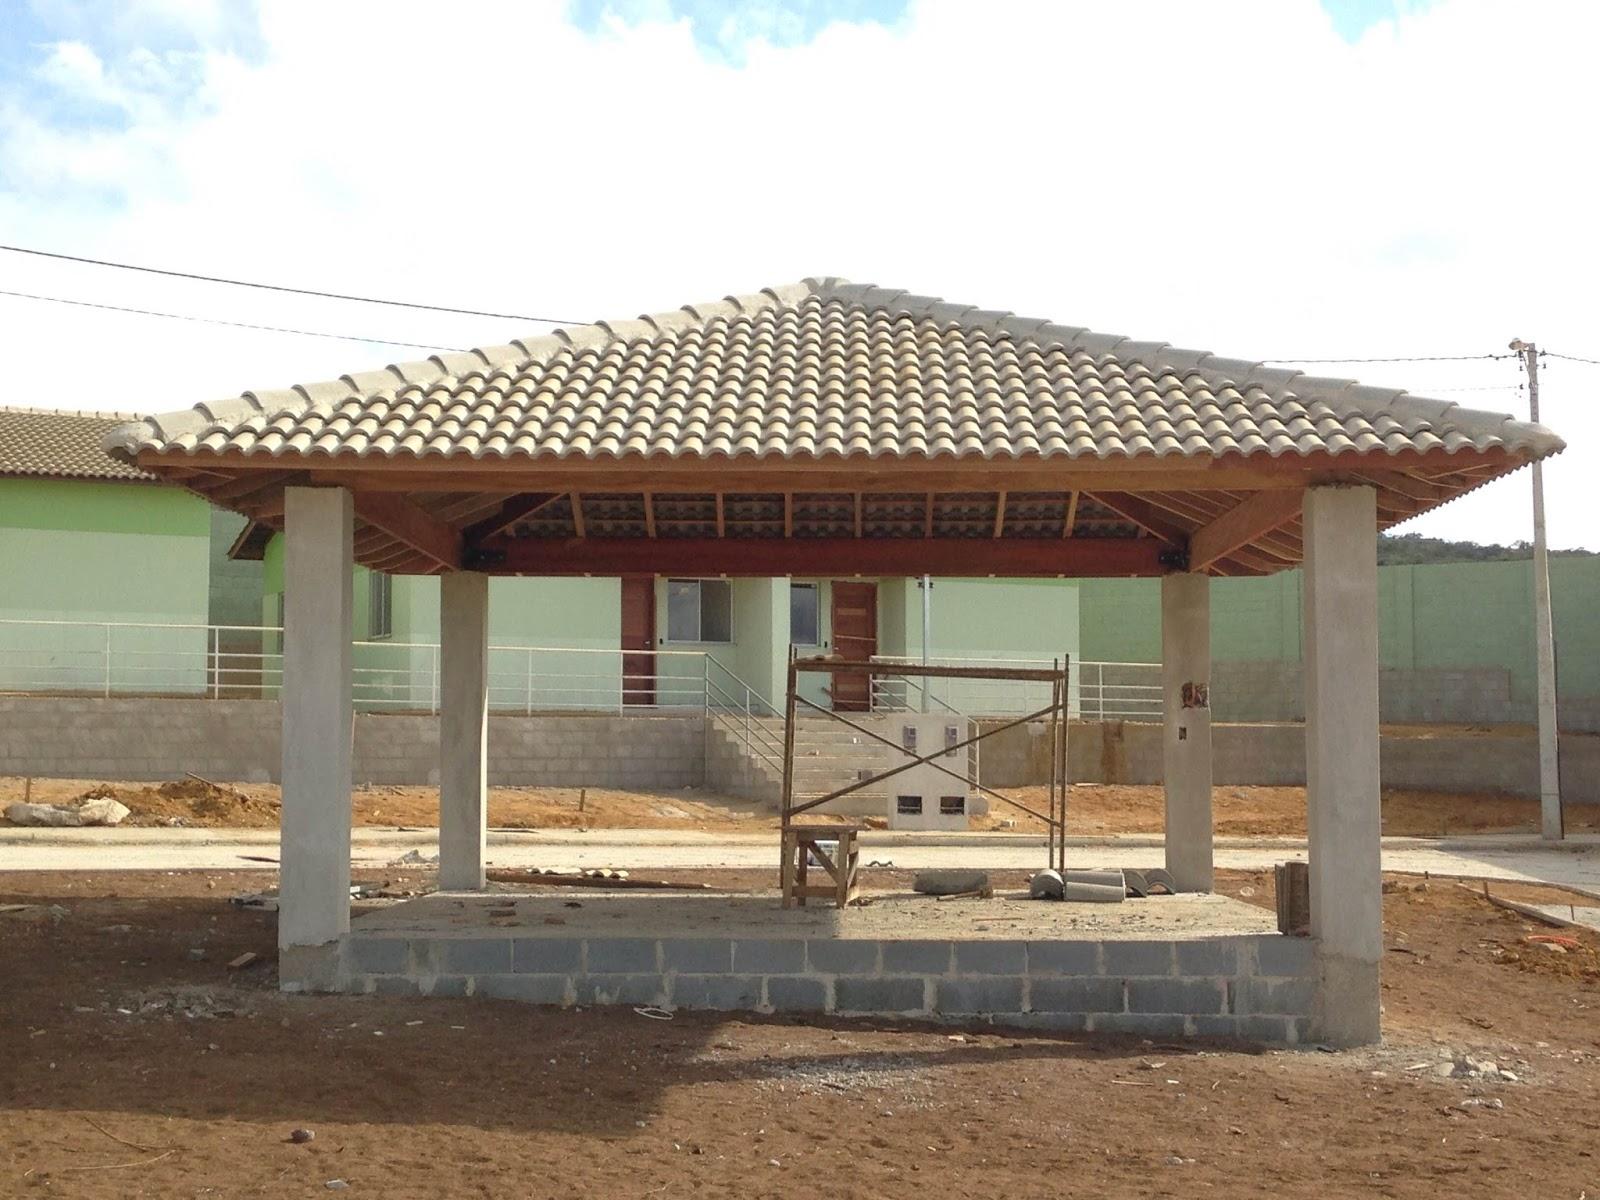 Joven arquitecto t cnico en brasil for Tejados de madera a 4 aguas